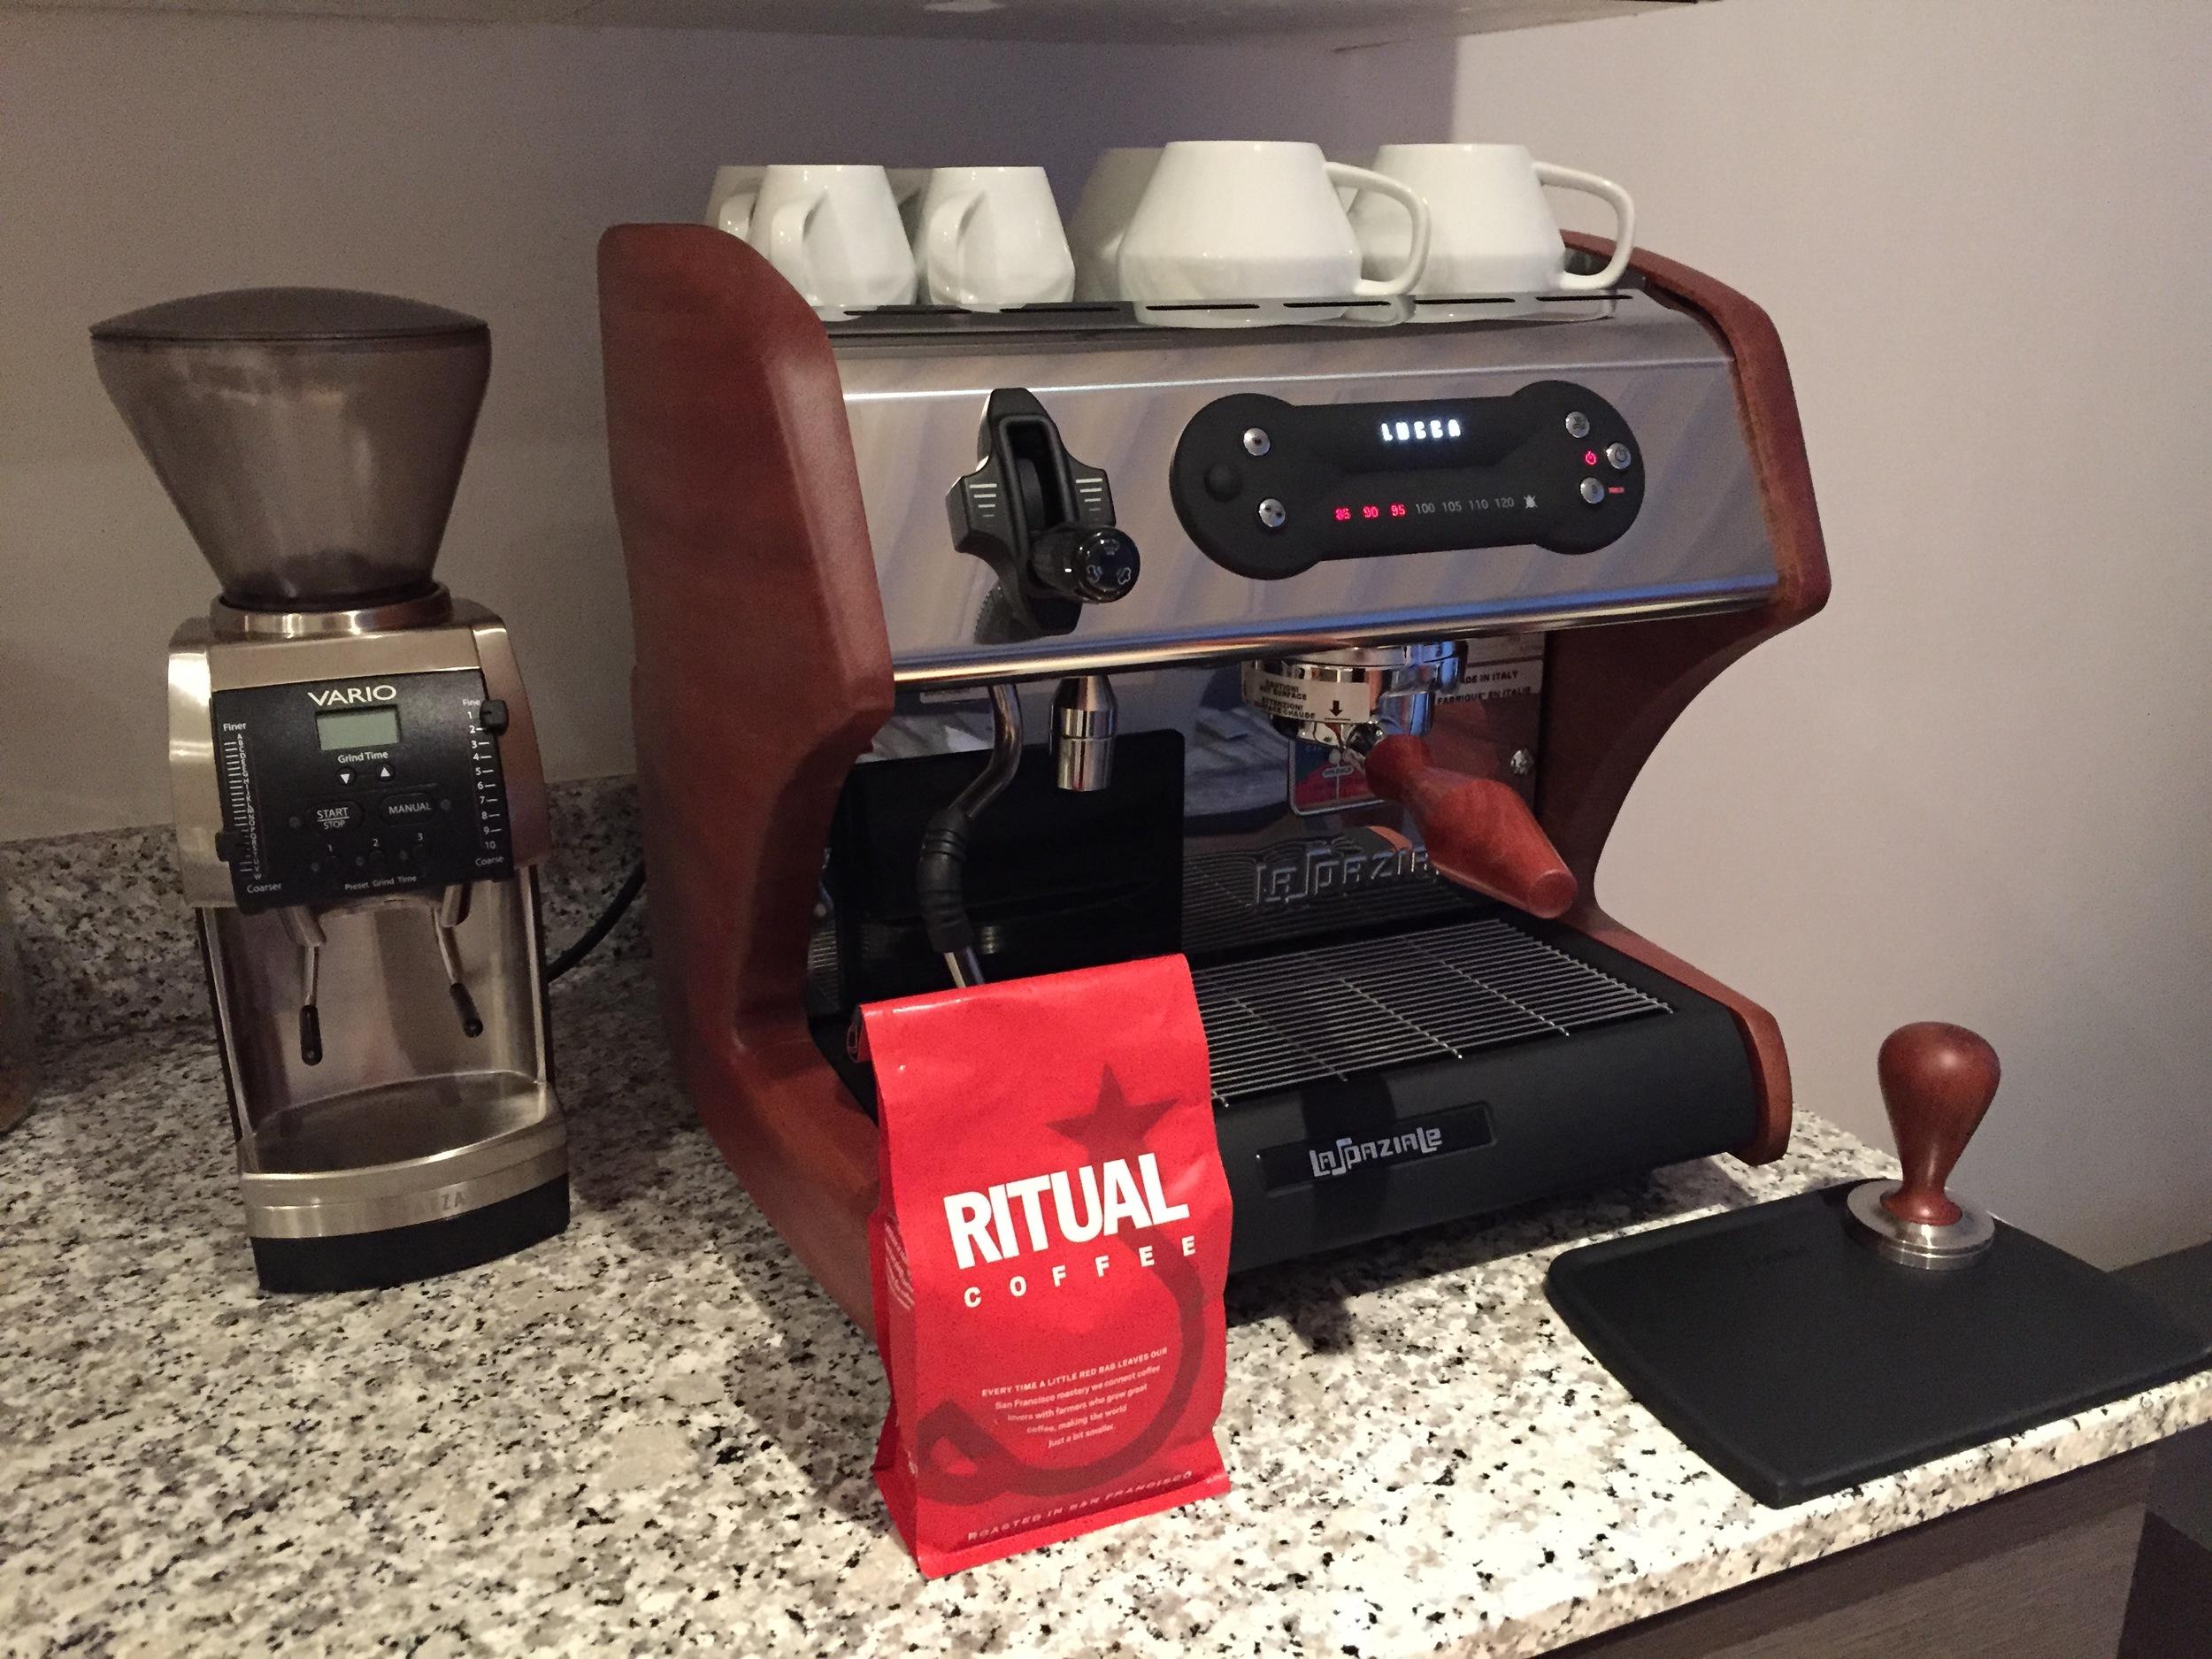 Brandon's excellent home espresso setup